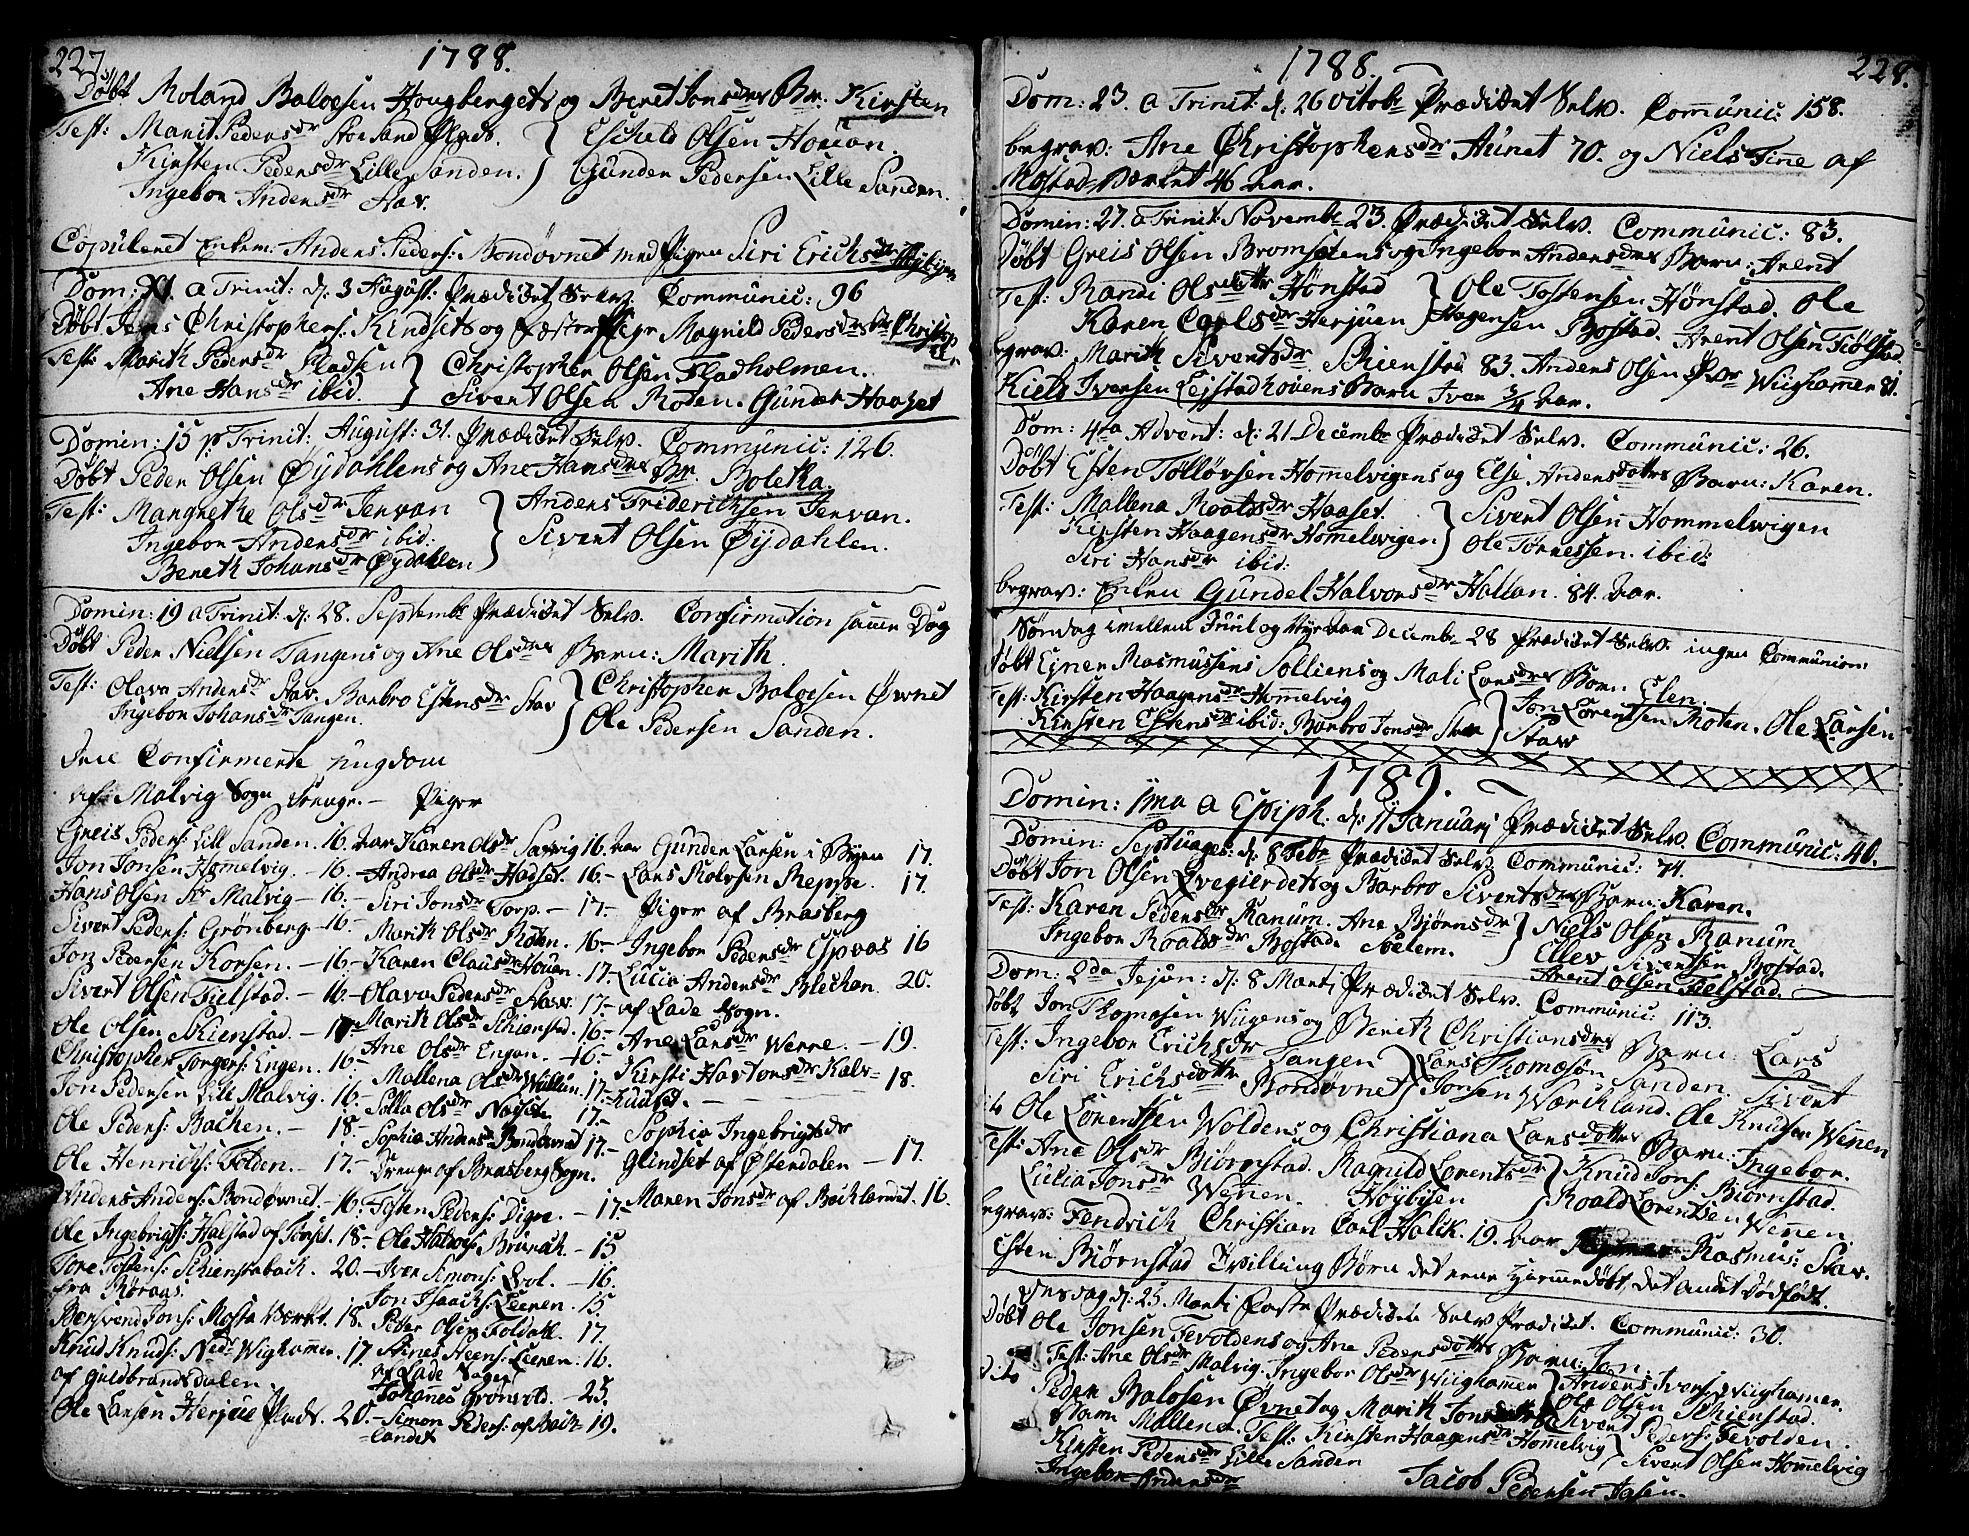 SAT, Ministerialprotokoller, klokkerbøker og fødselsregistre - Sør-Trøndelag, 606/L0281: Ministerialbok nr. 606A02 /2, 1781-1817, s. 227-228